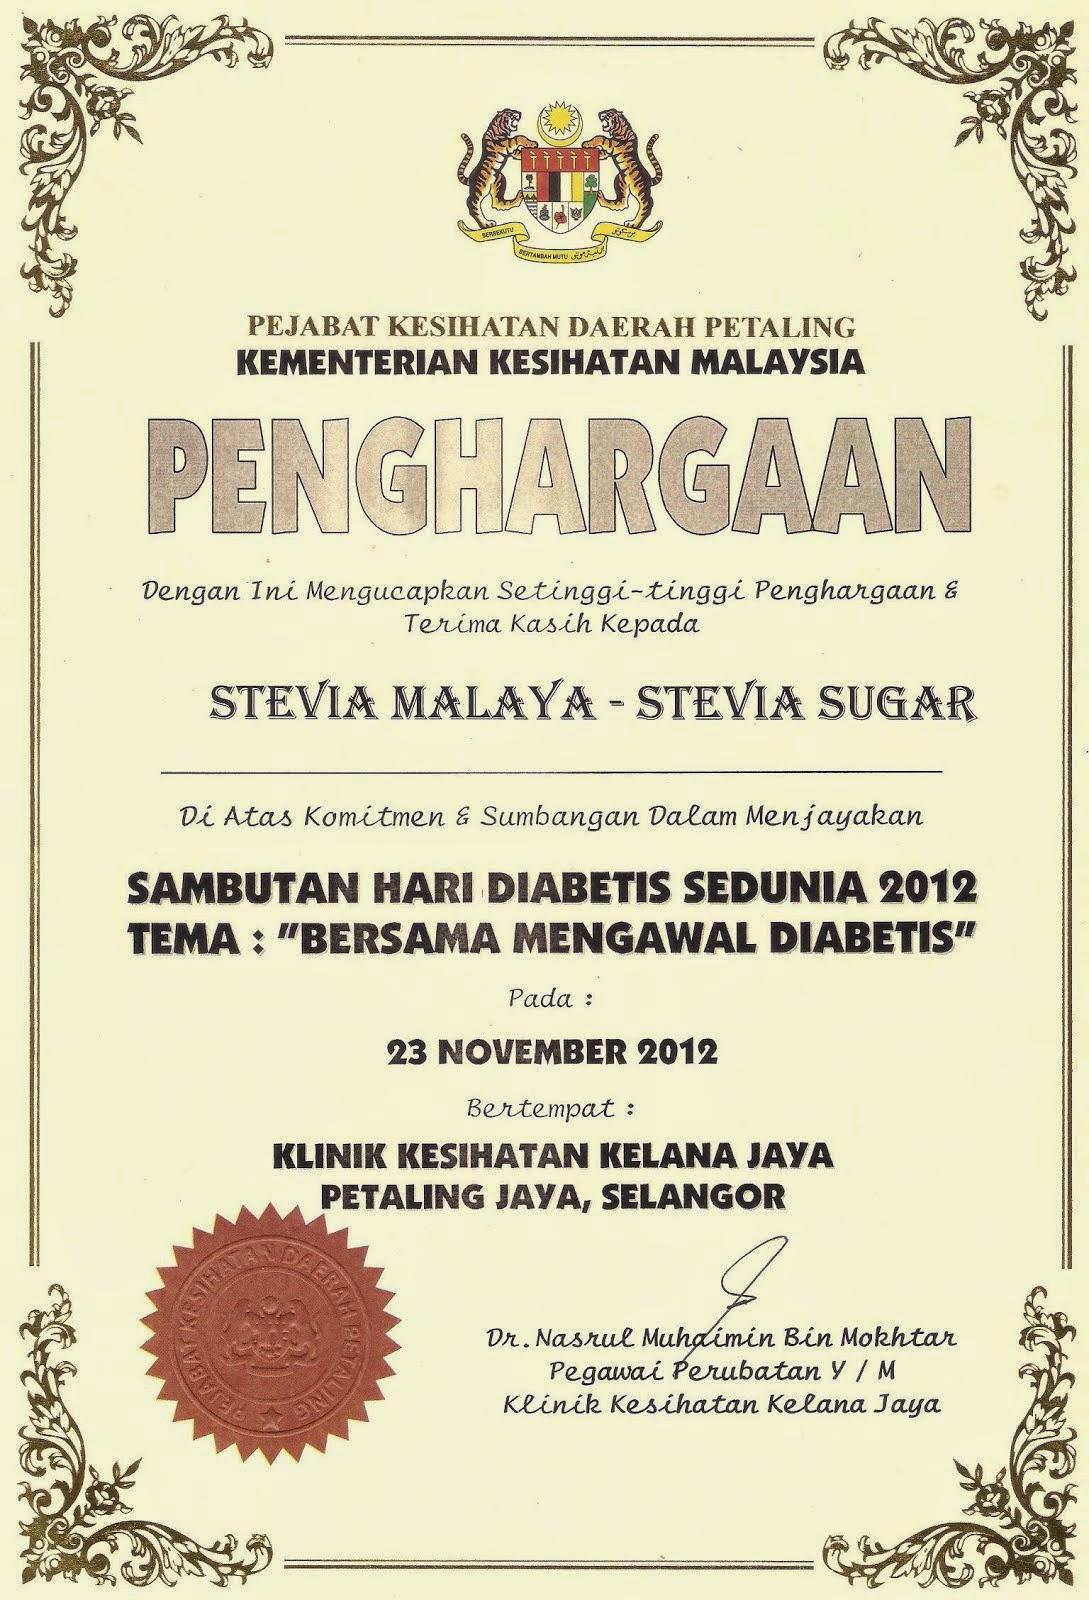 SIJIL PENGHARGAAN KLINIK KESIHATAN MALAYSIA KEPADA STEVIA MALAYA - AGRO SWEET PAKLONG SDN. BHD.